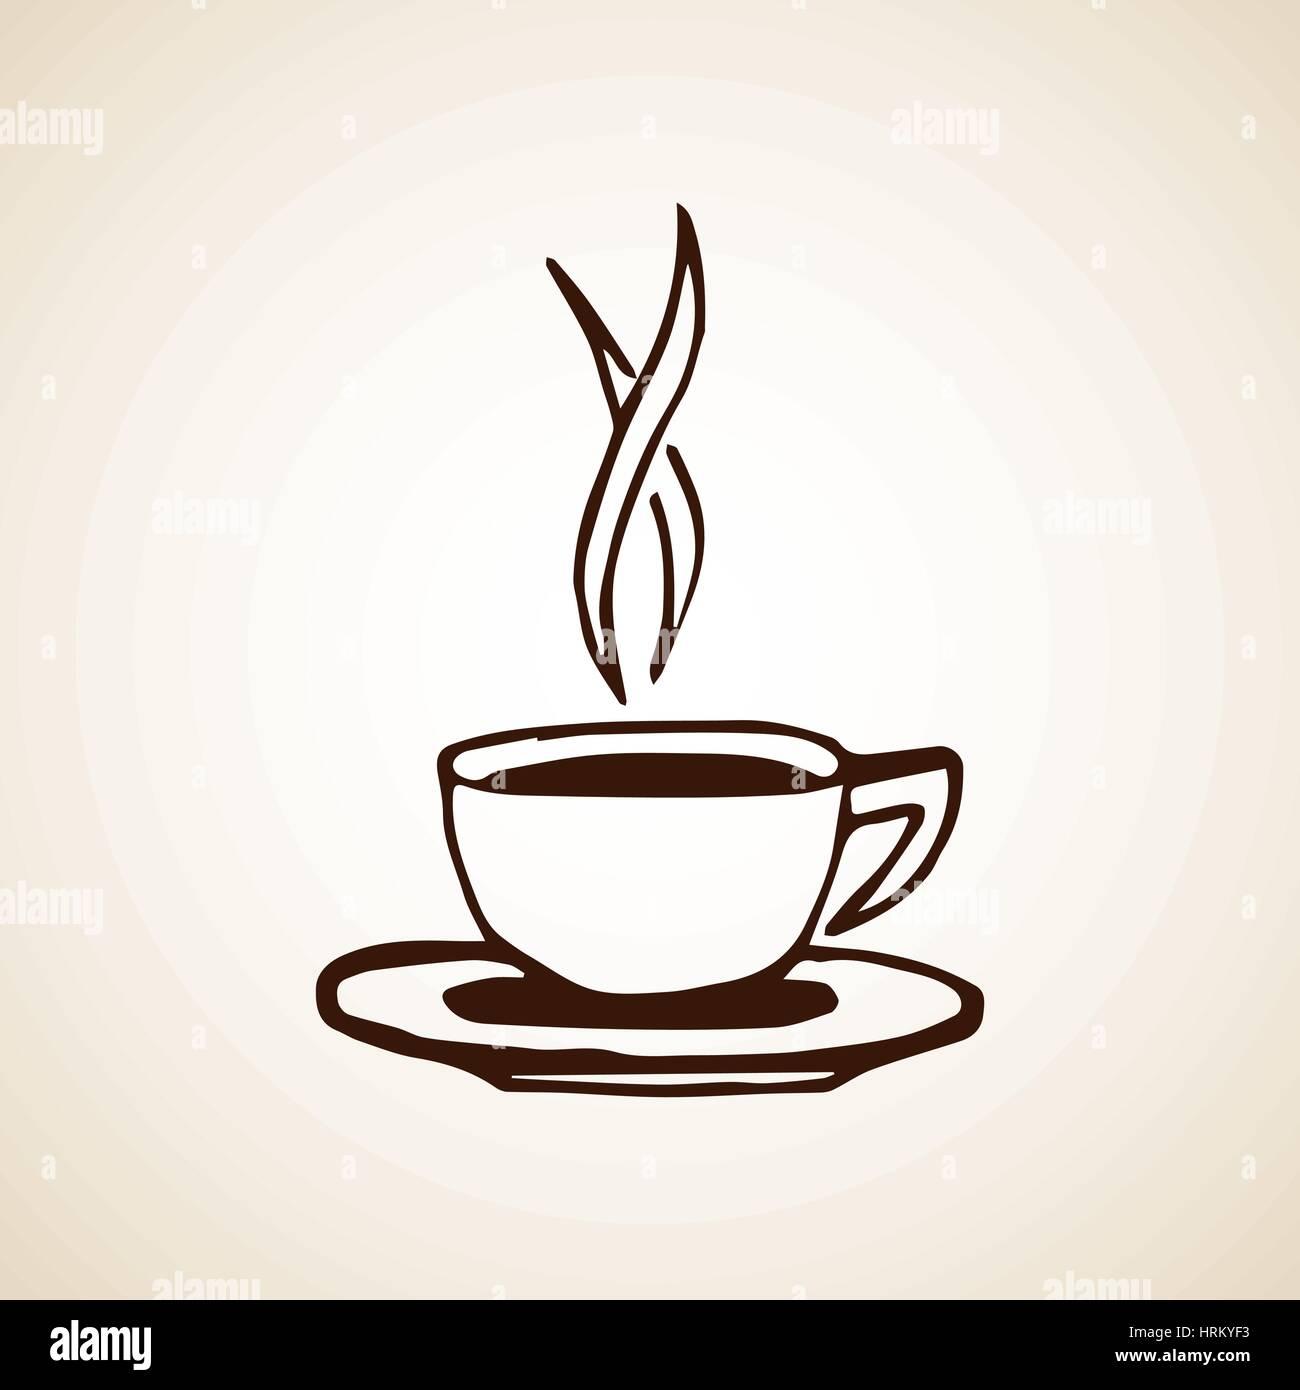 Handskizze Gezeichnete Kaffeetasse Vektor Abbildung Bild